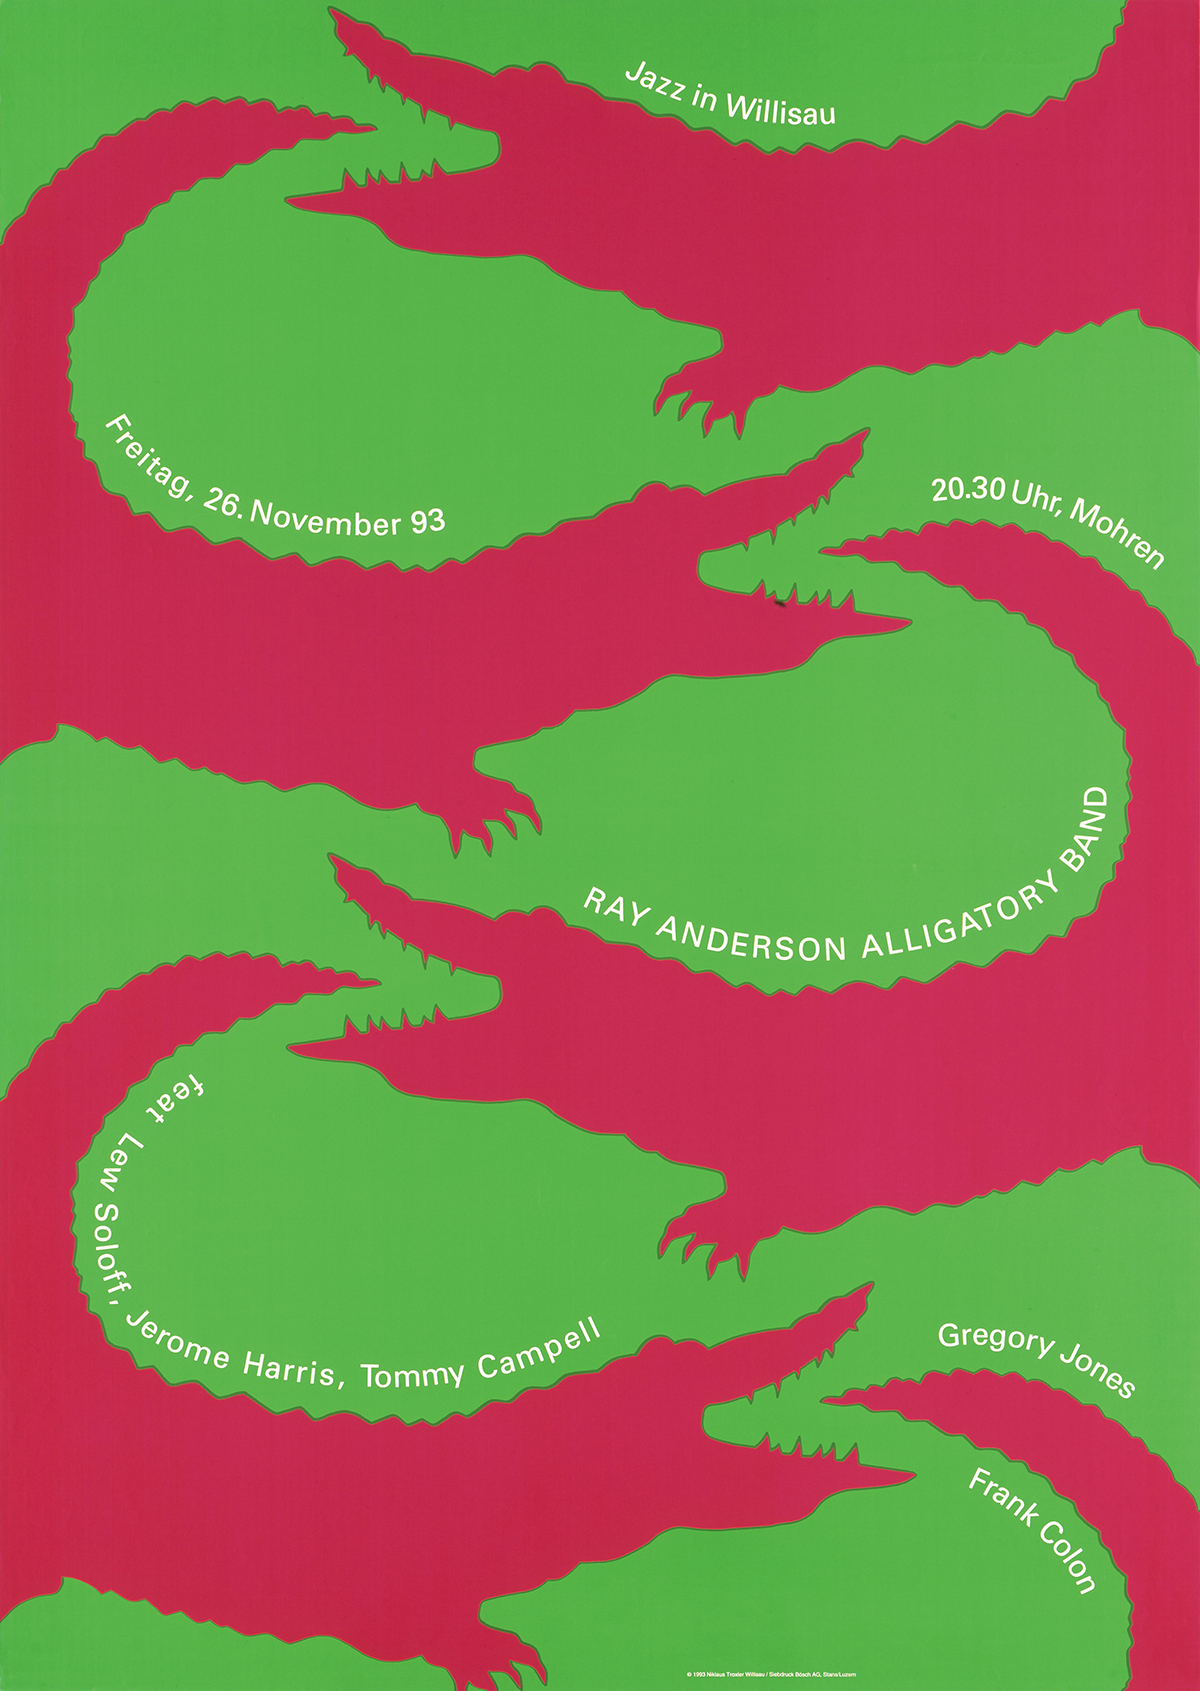 ニクラウス・トロクスラー|ポスター 「SEEPARK THUN」/「Jazz in Willisau」